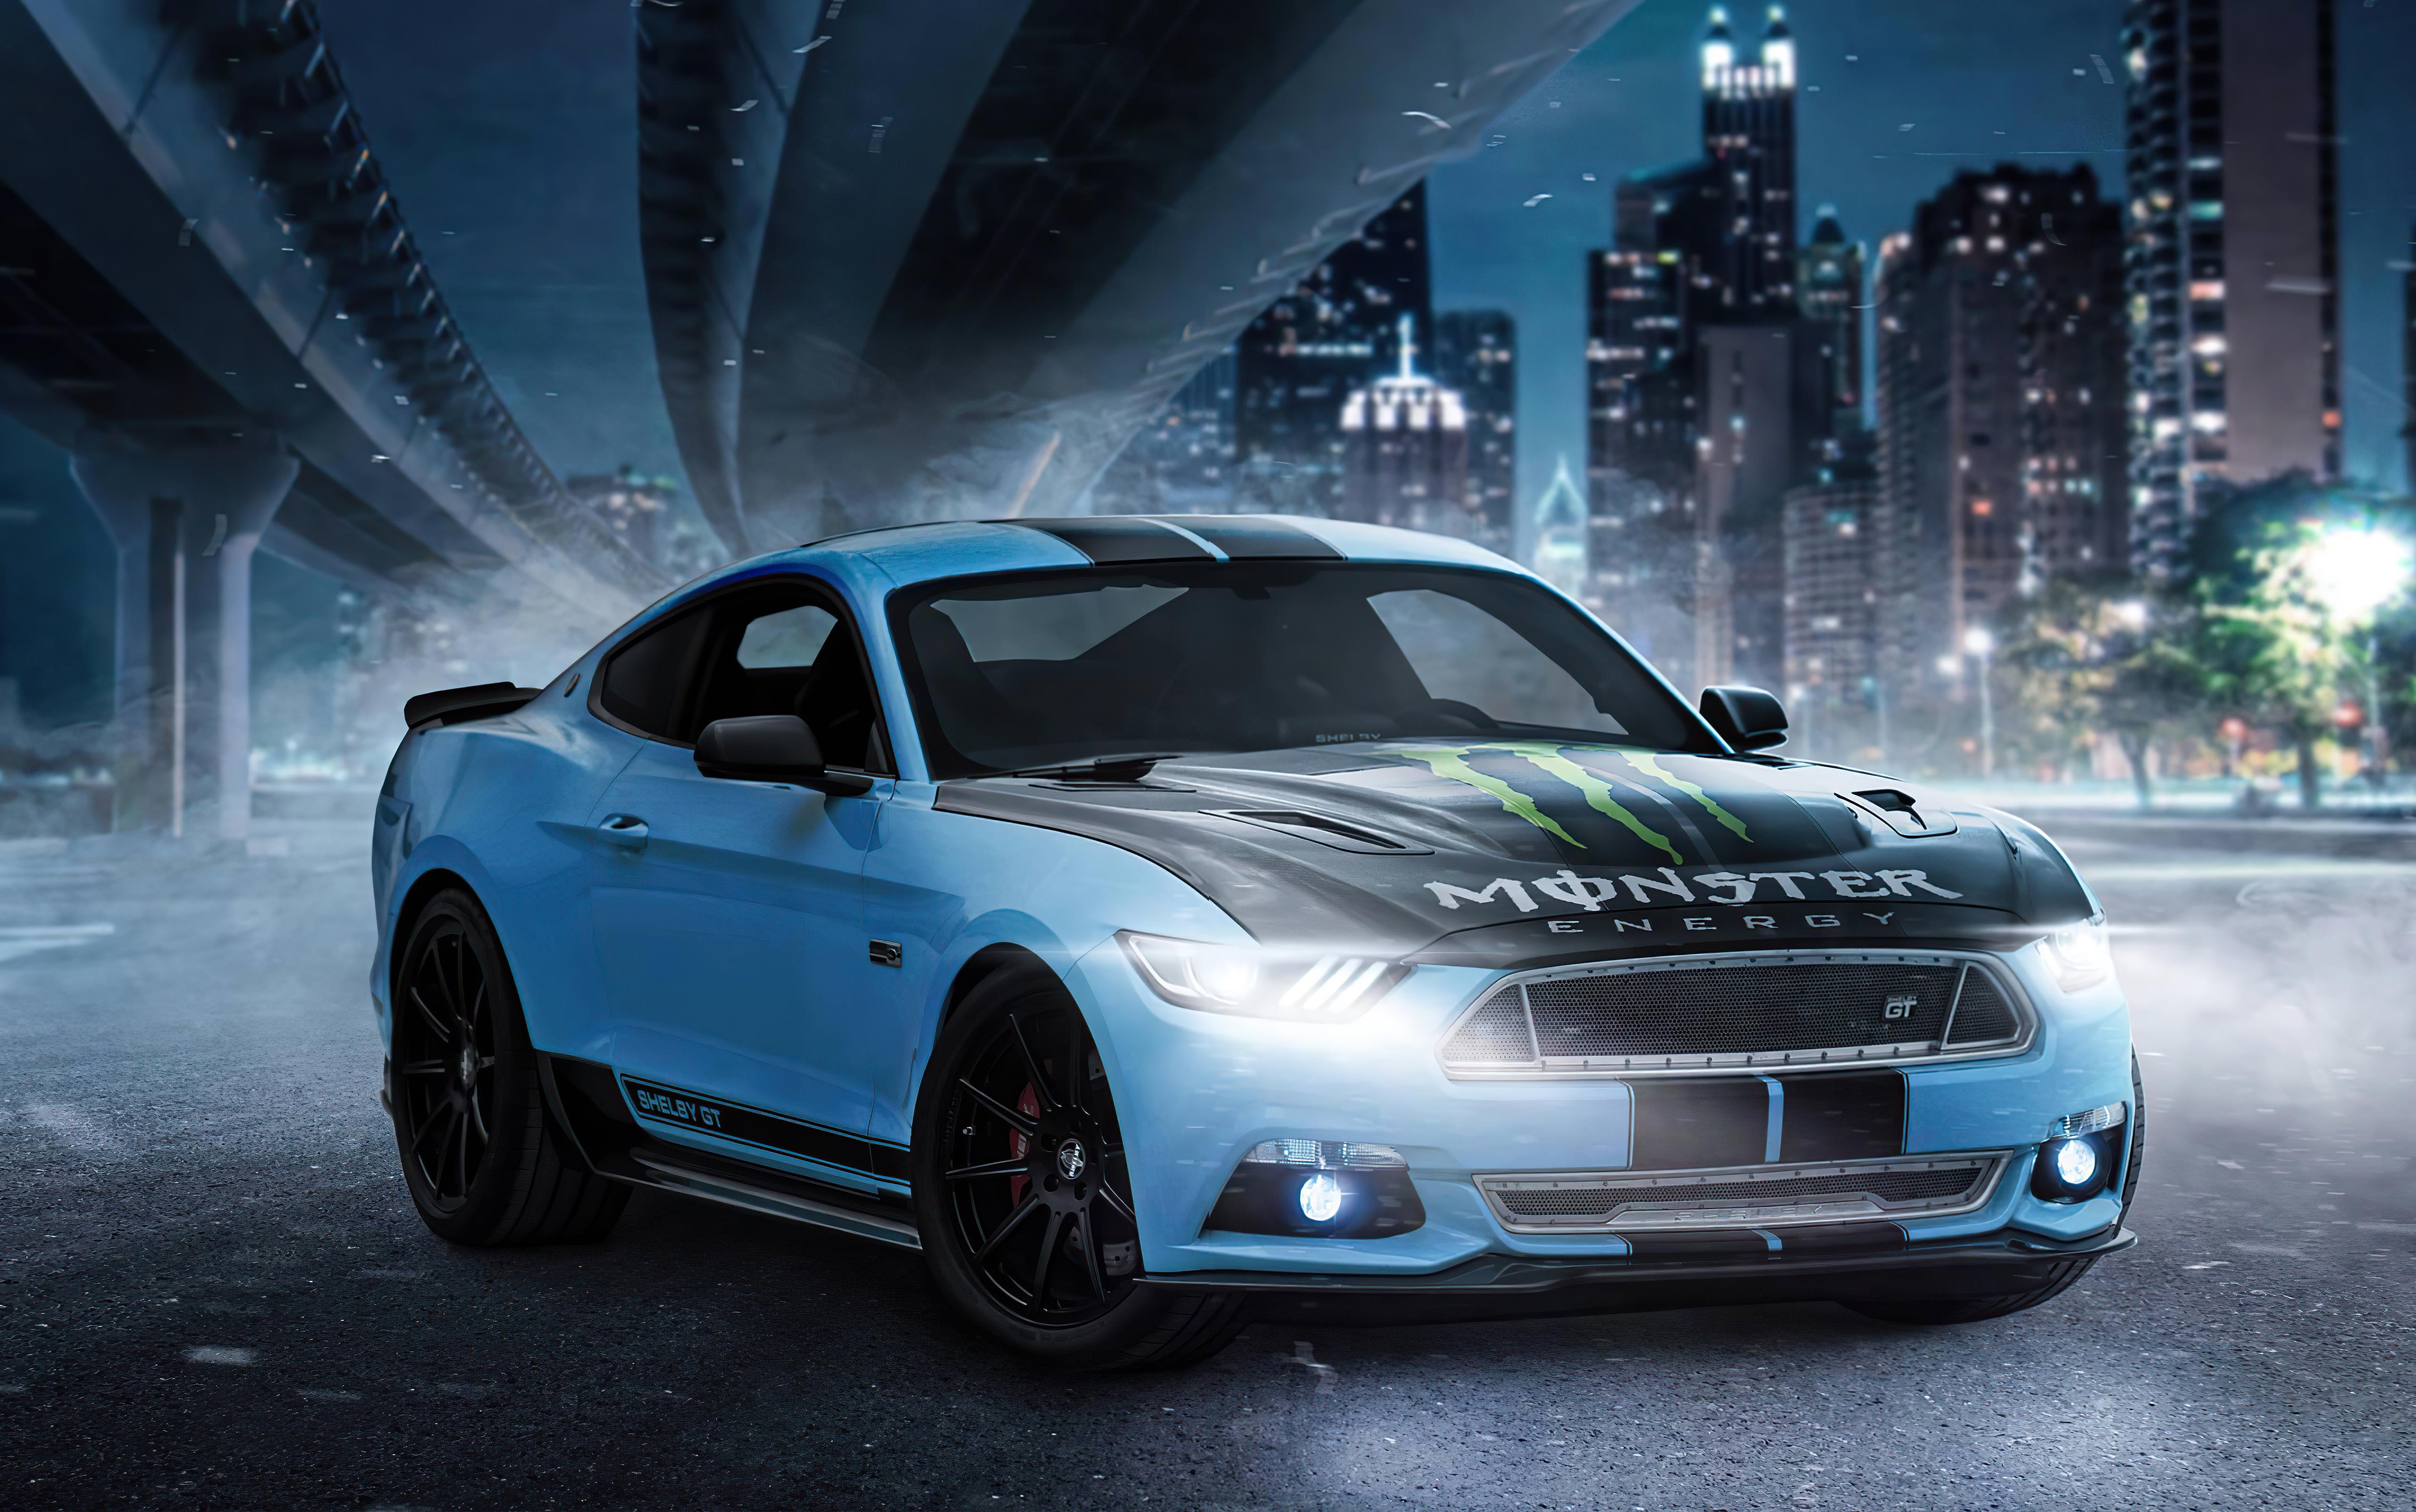 Fondos de pantalla Ford Mustang Skyblue en ciudad